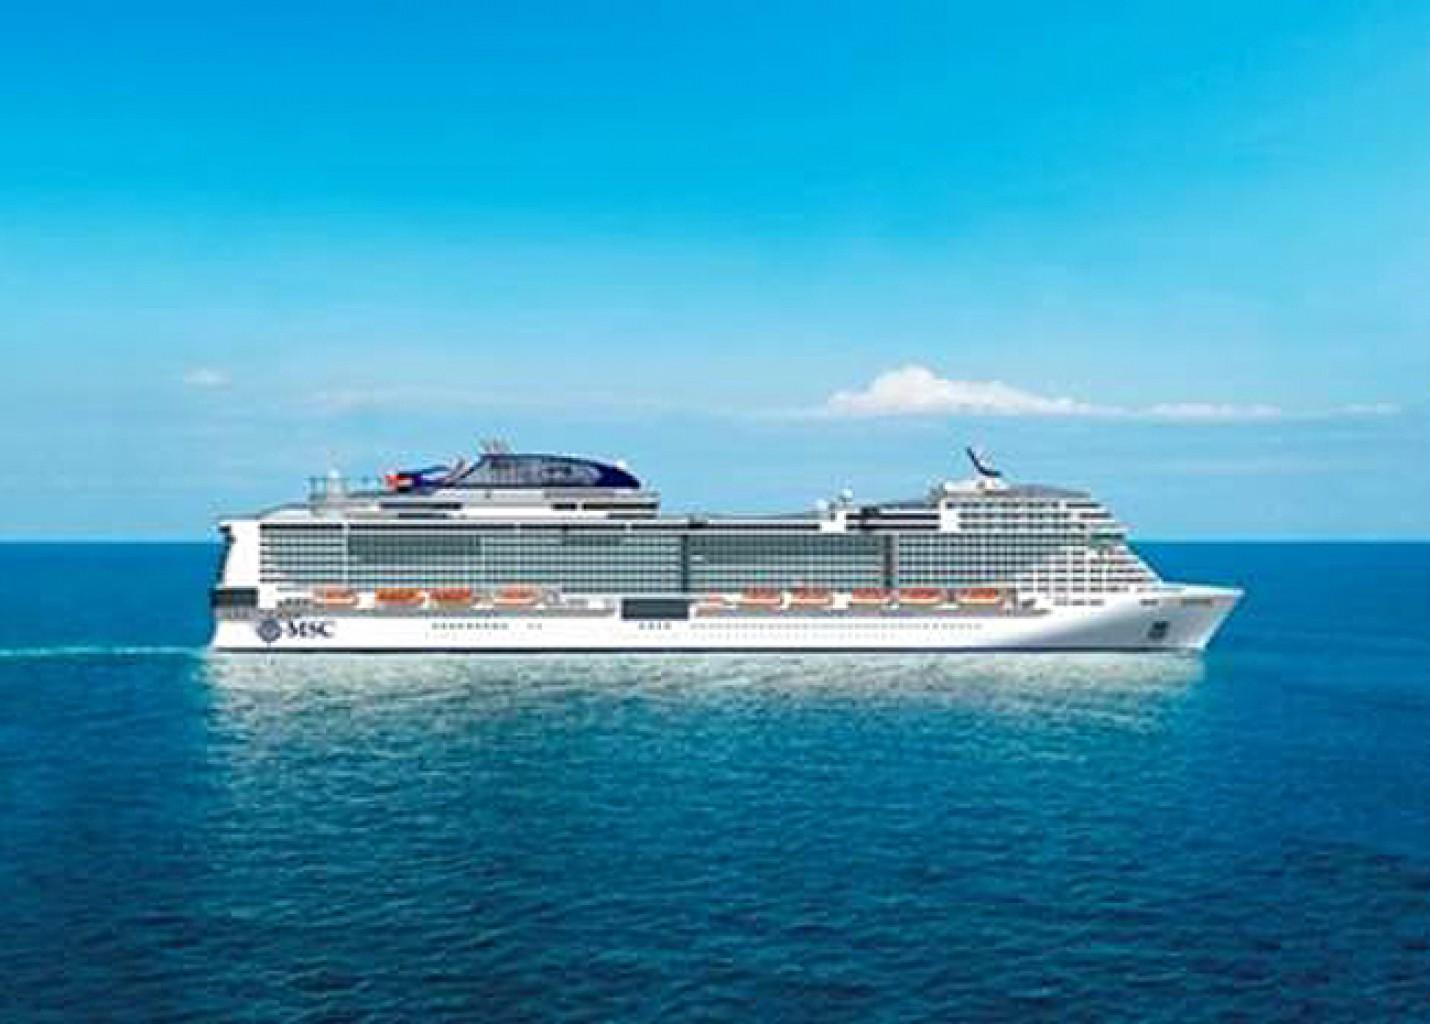 MSC inicia vendas para novo navio MSC Bellissima